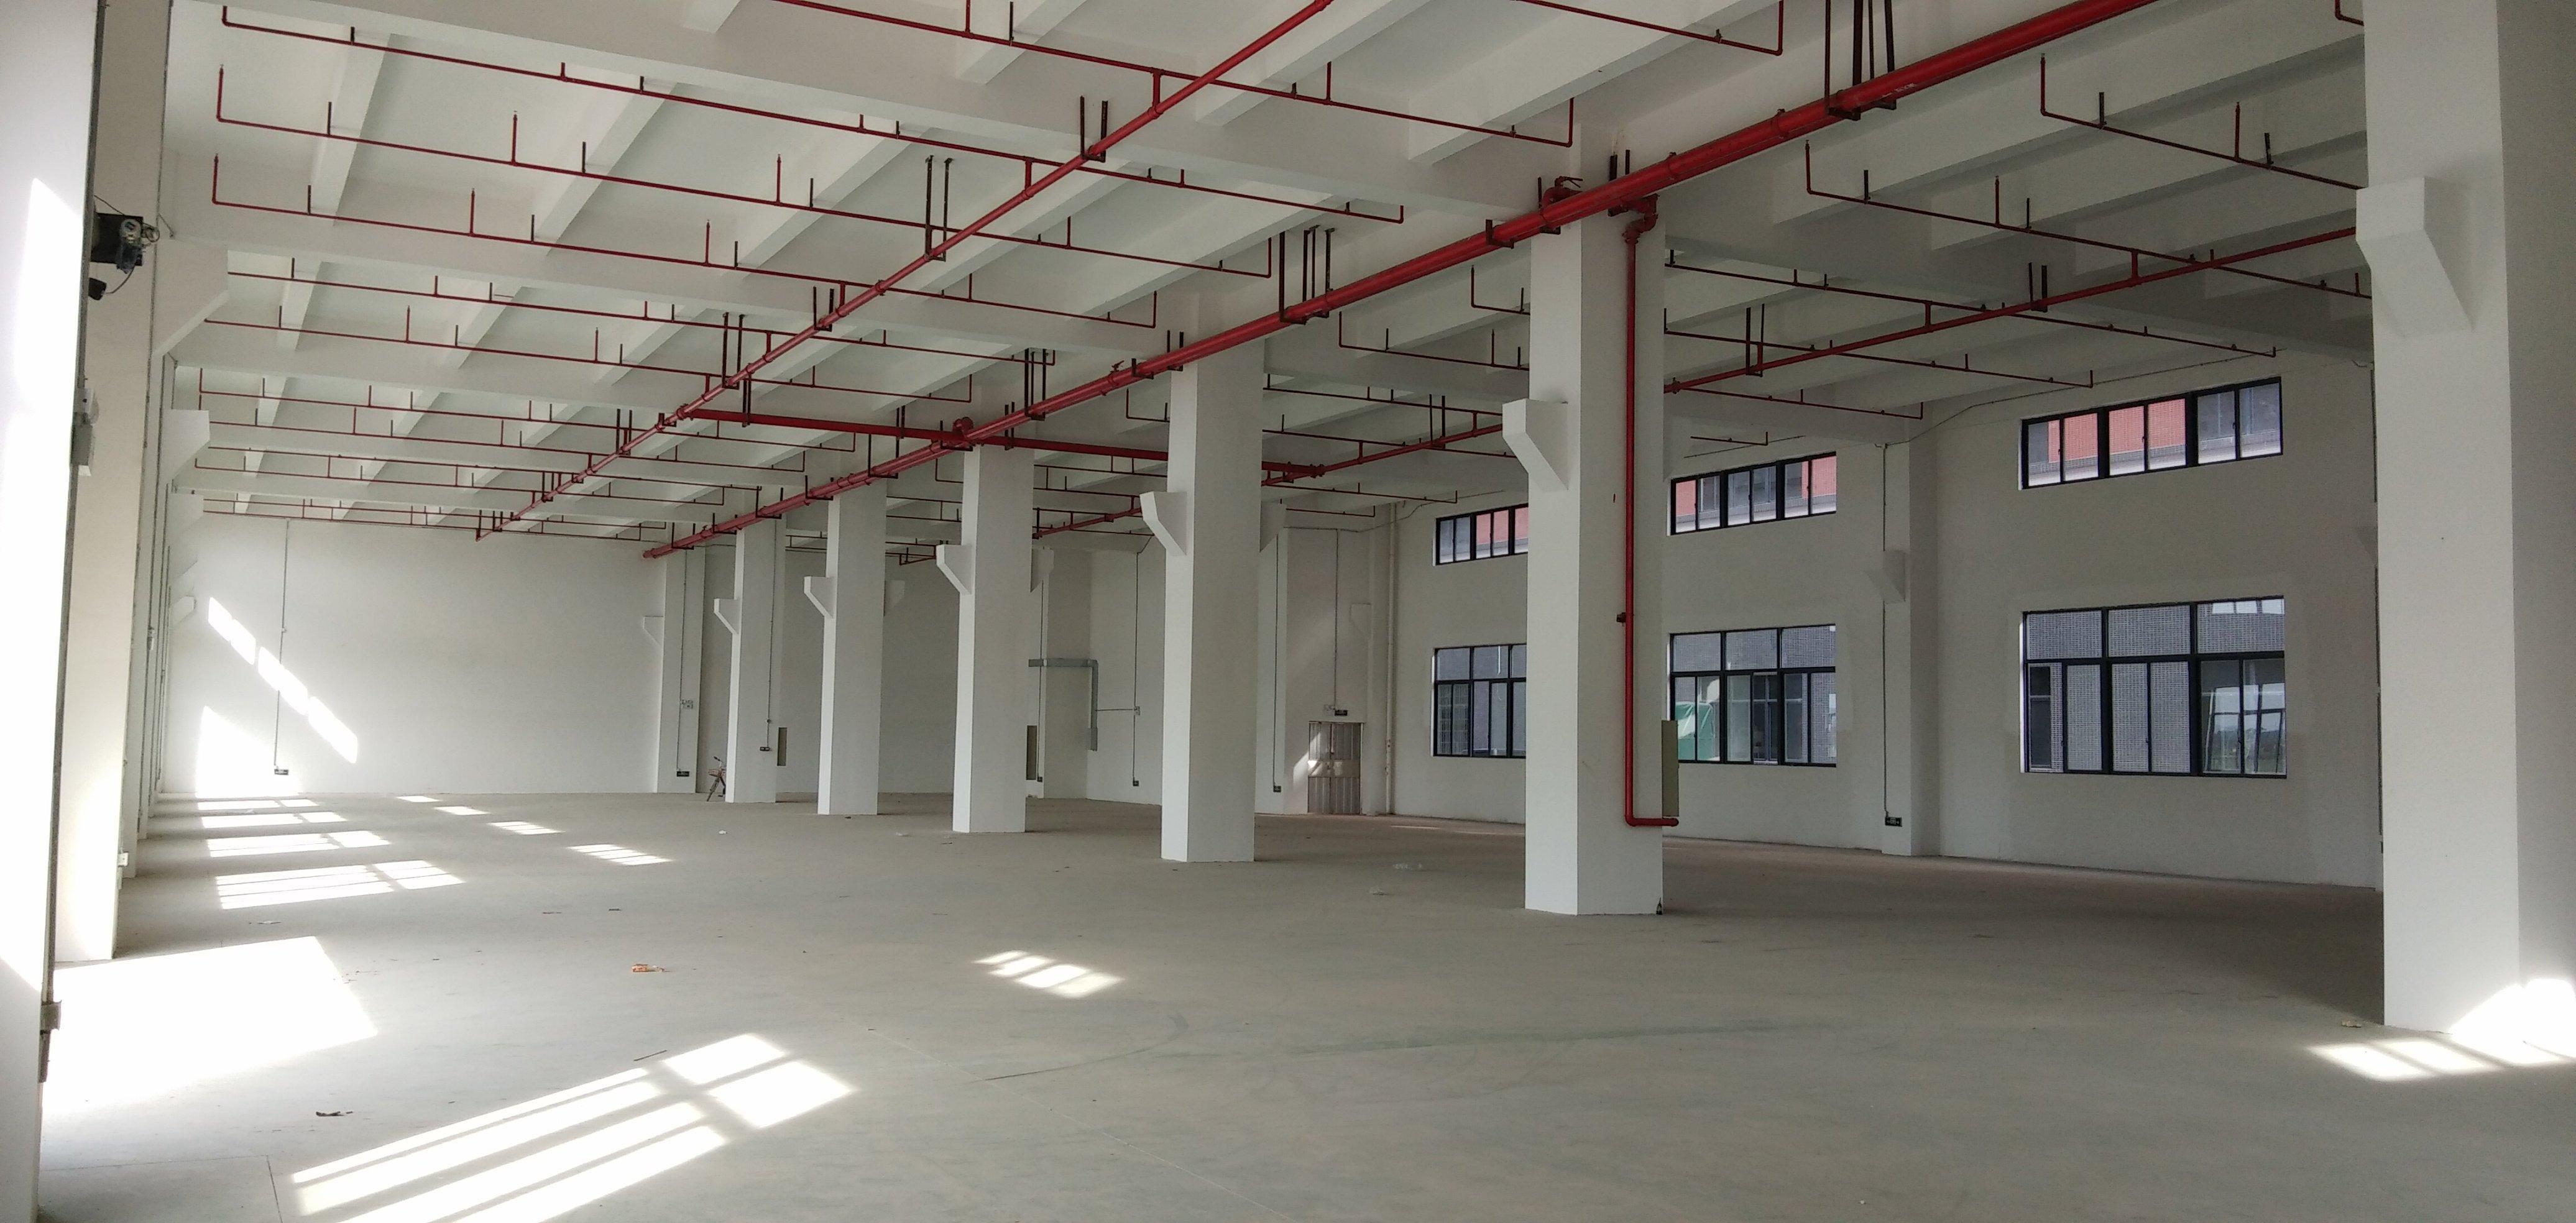 顺德区勒流镇富安工业标准一楼厂房1200平,高度7米带牛角位